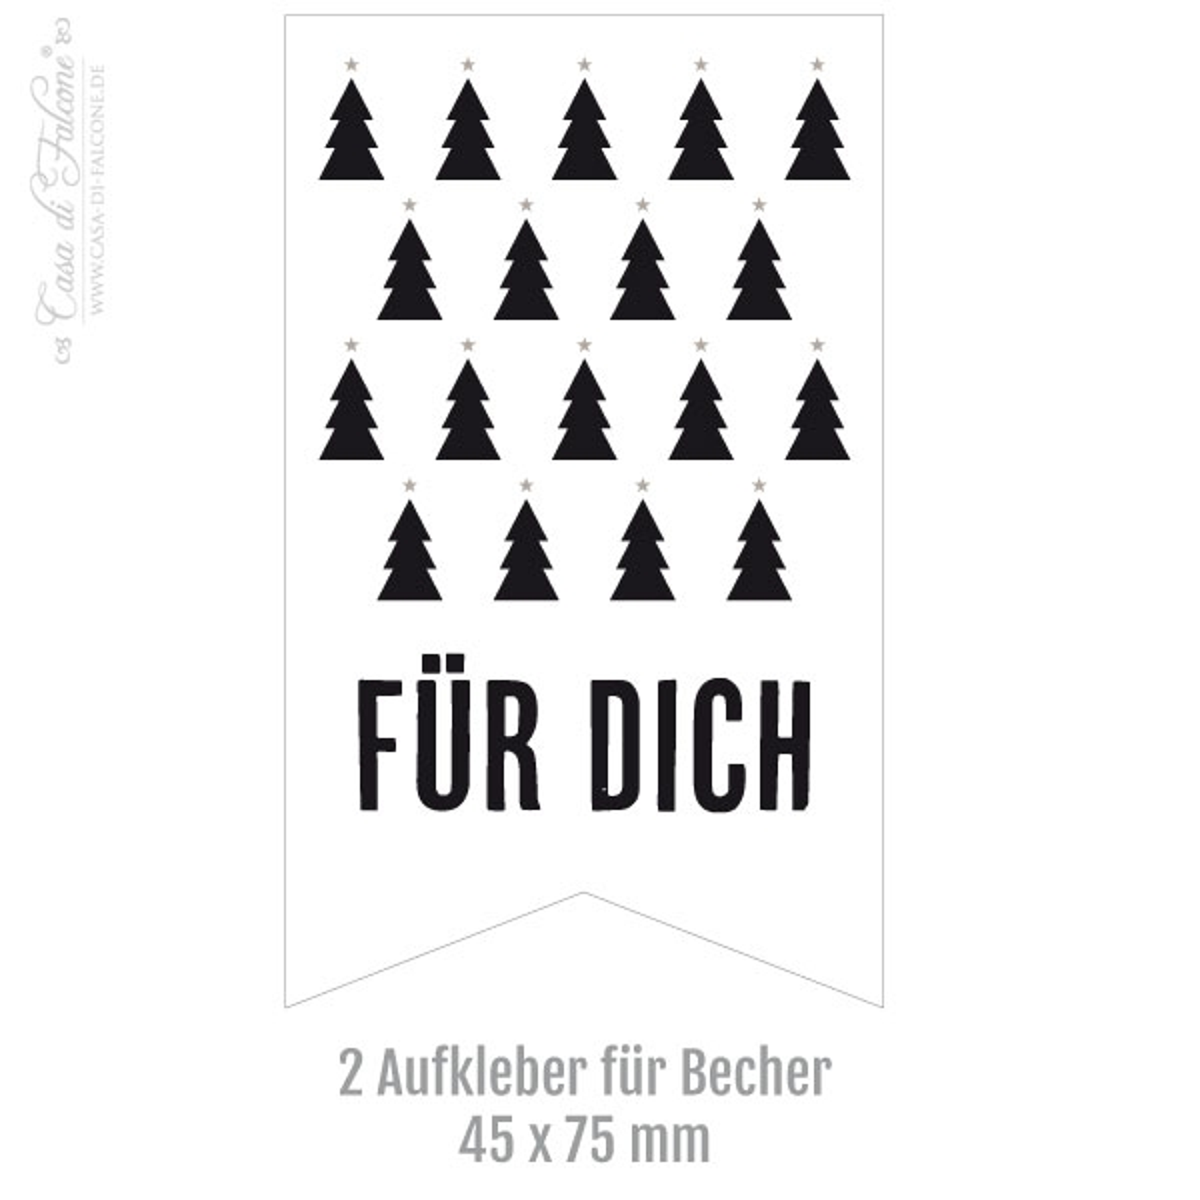 keksverpackung weihnachten 2er set tannenbaum schwarz weiss casa di falcone. Black Bedroom Furniture Sets. Home Design Ideas